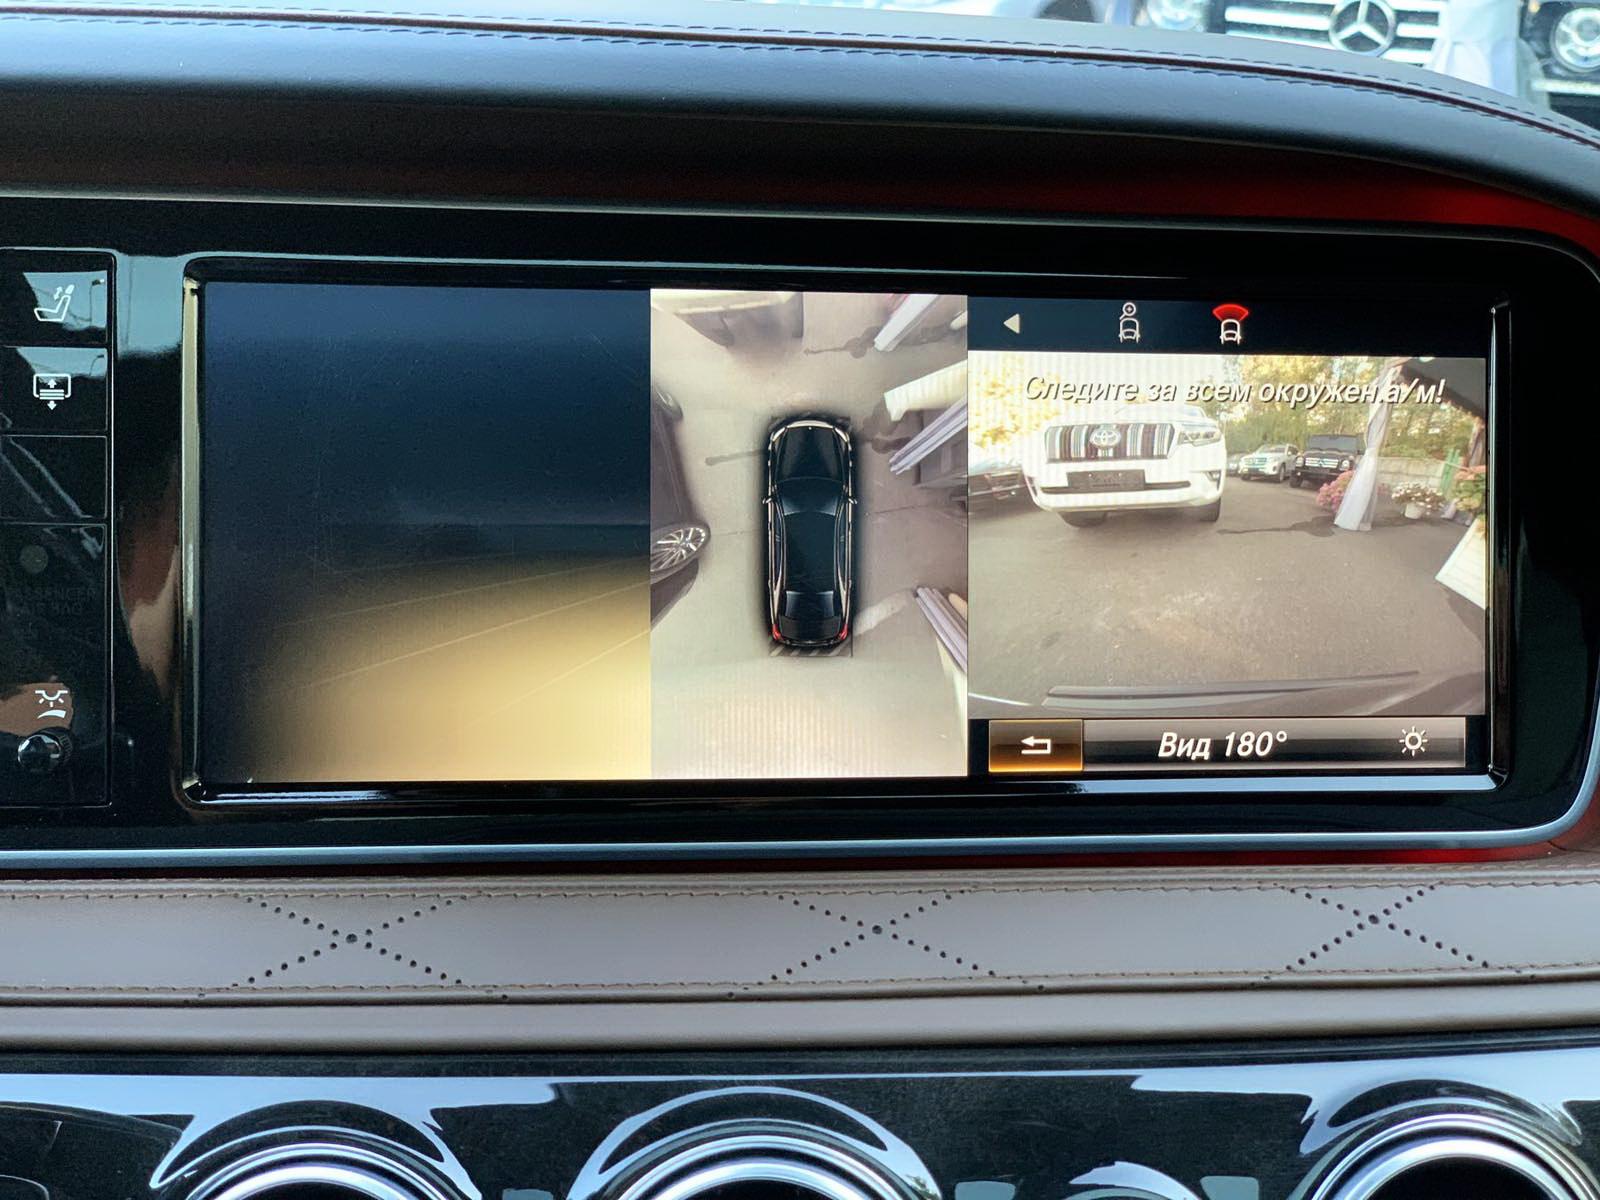 Mercedes-Benz S-class W222 S63 AMG 4matik